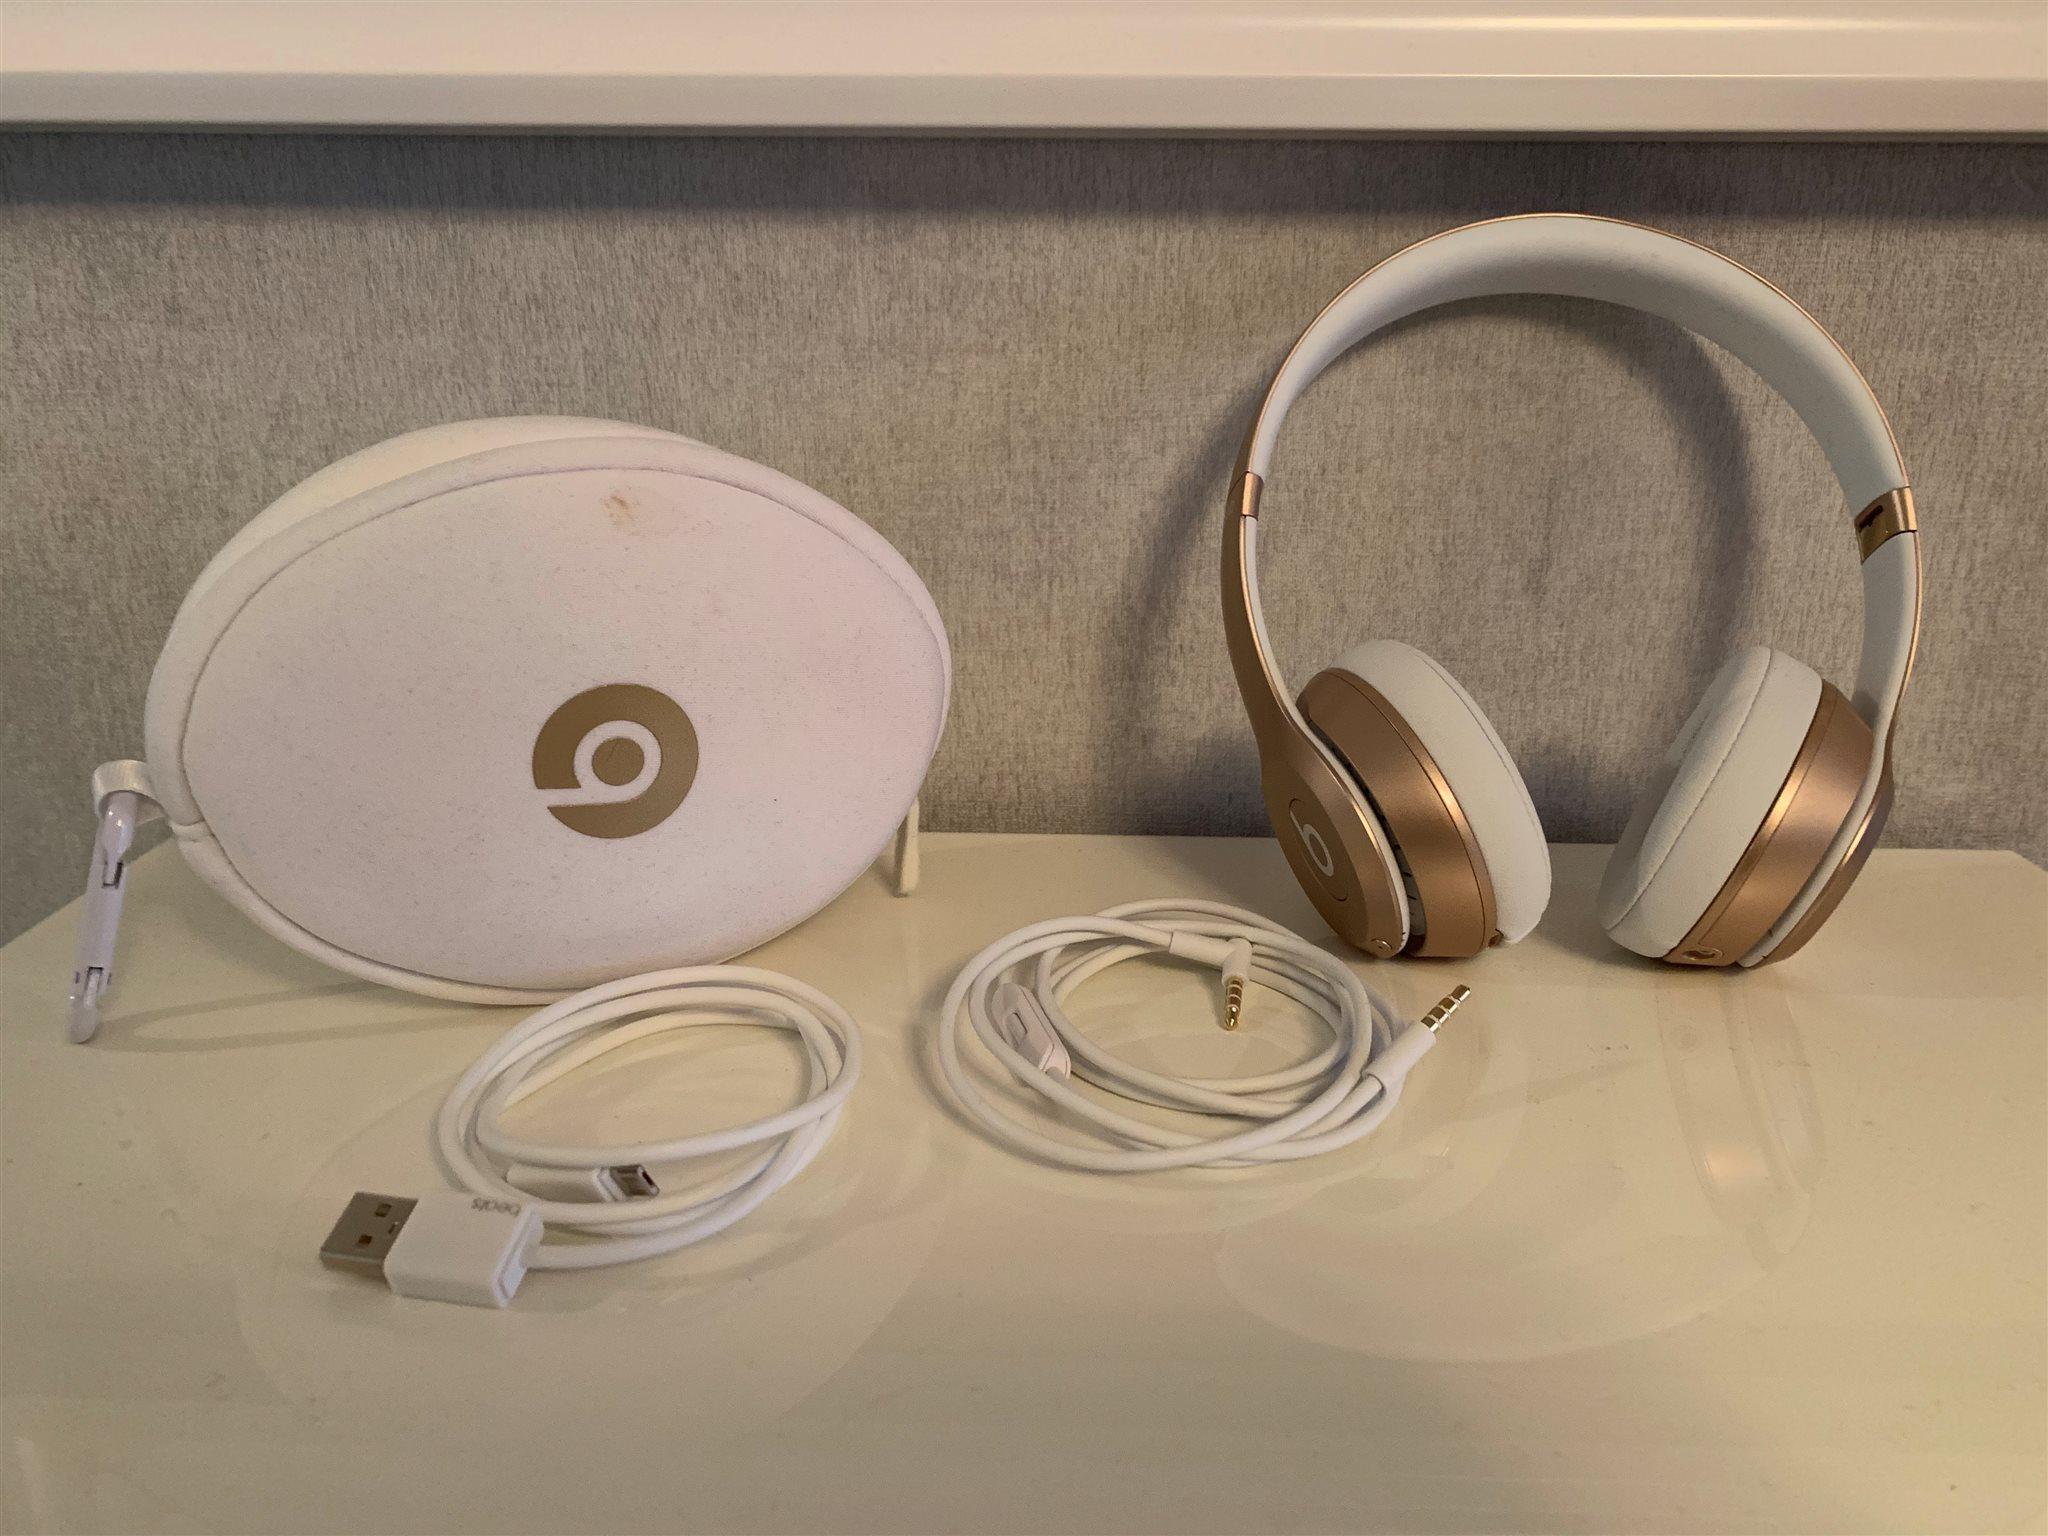 Hörlurar Beats by Dr.Dre Beats Solo2 Wireless g.. (338679068) ᐈ Köp ... 174134f2f30f3